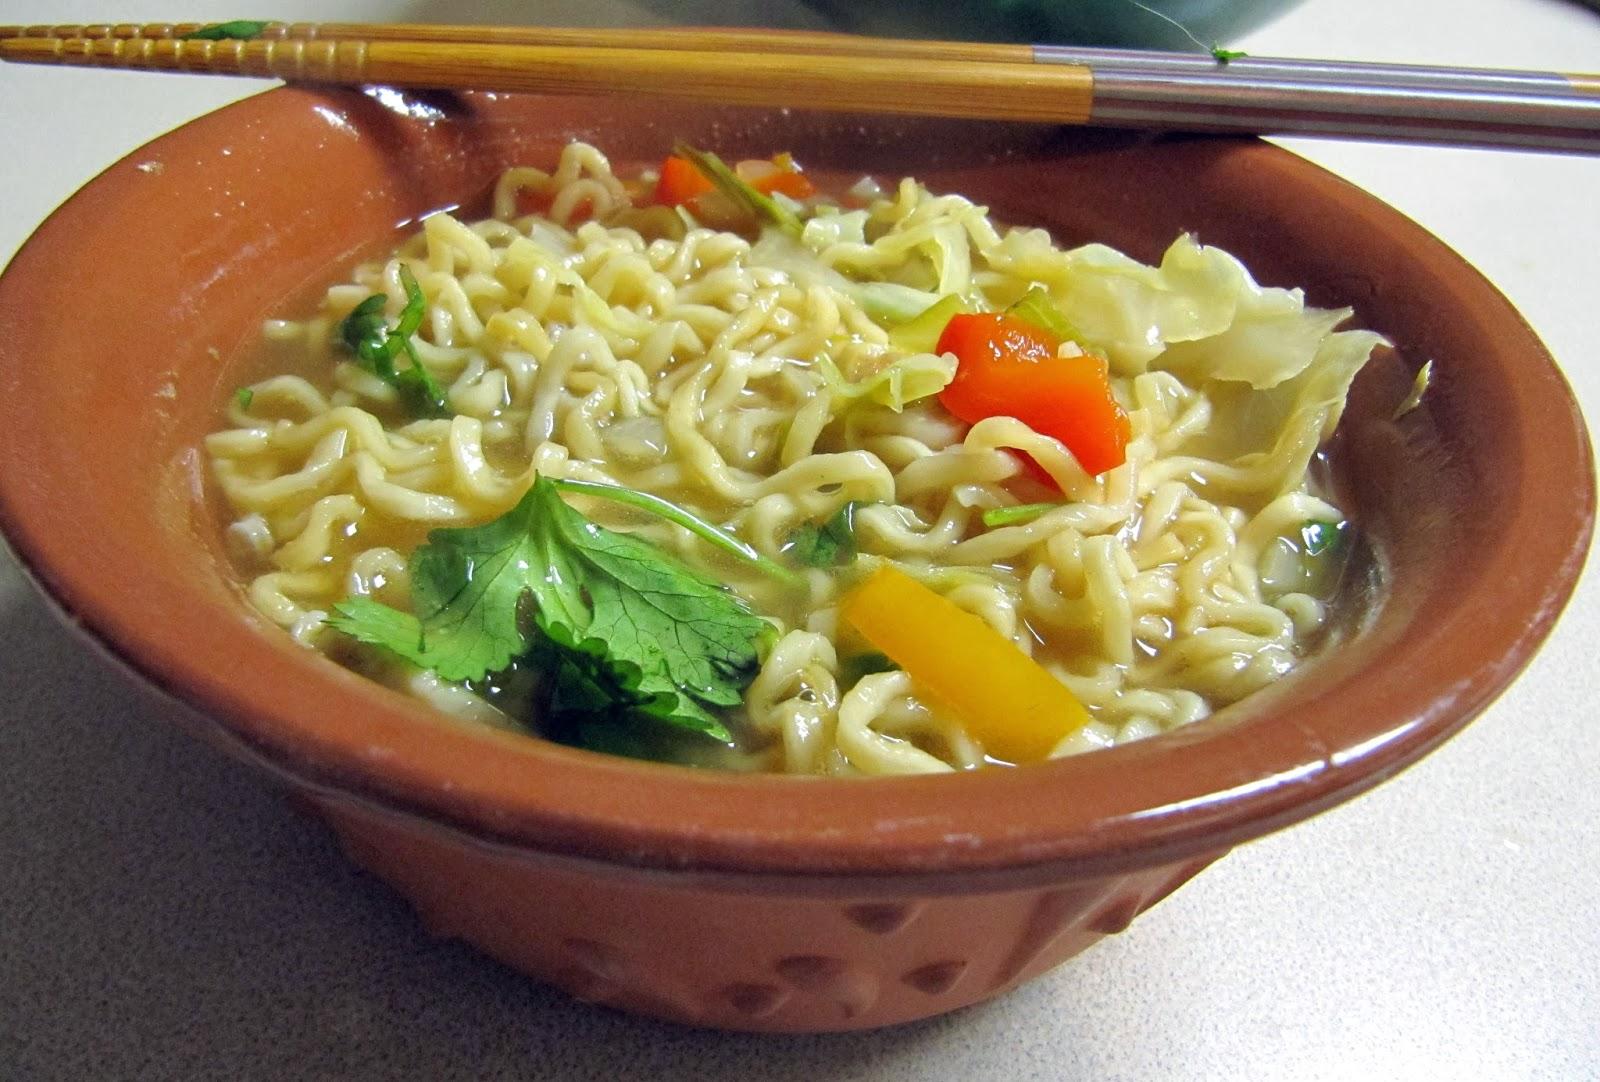 Grad Gastronomy: Hot & Sour Soup with Cilantro Noodles